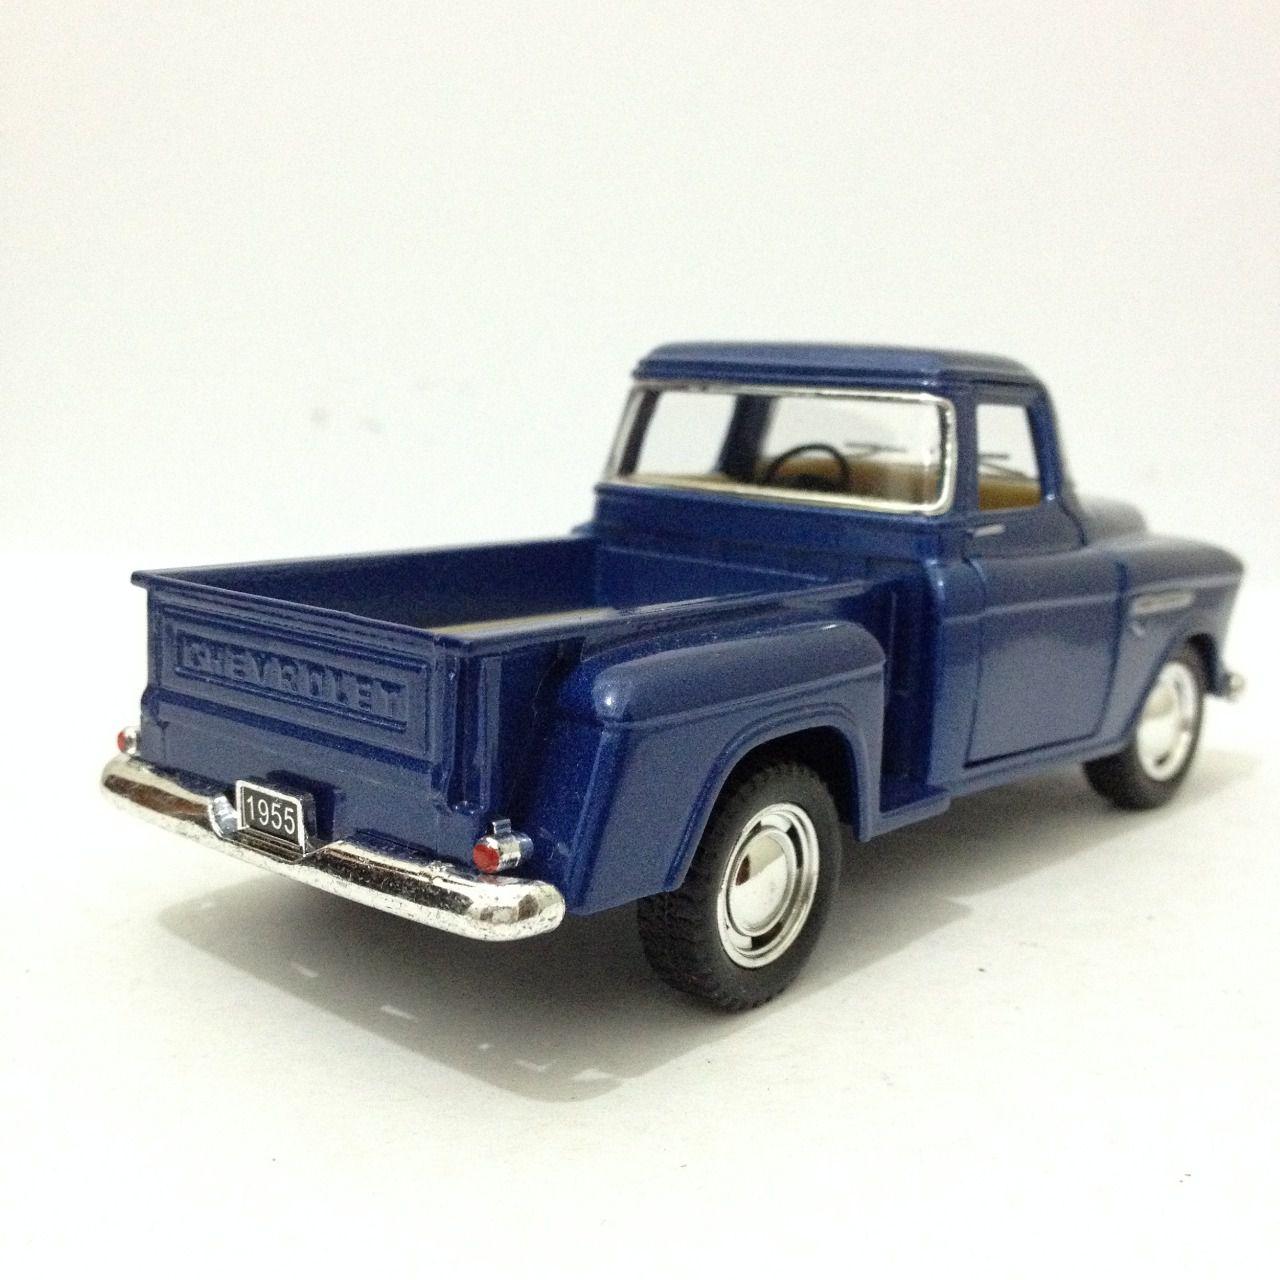 Chevy Pick-up 1955 - Escala 1:32